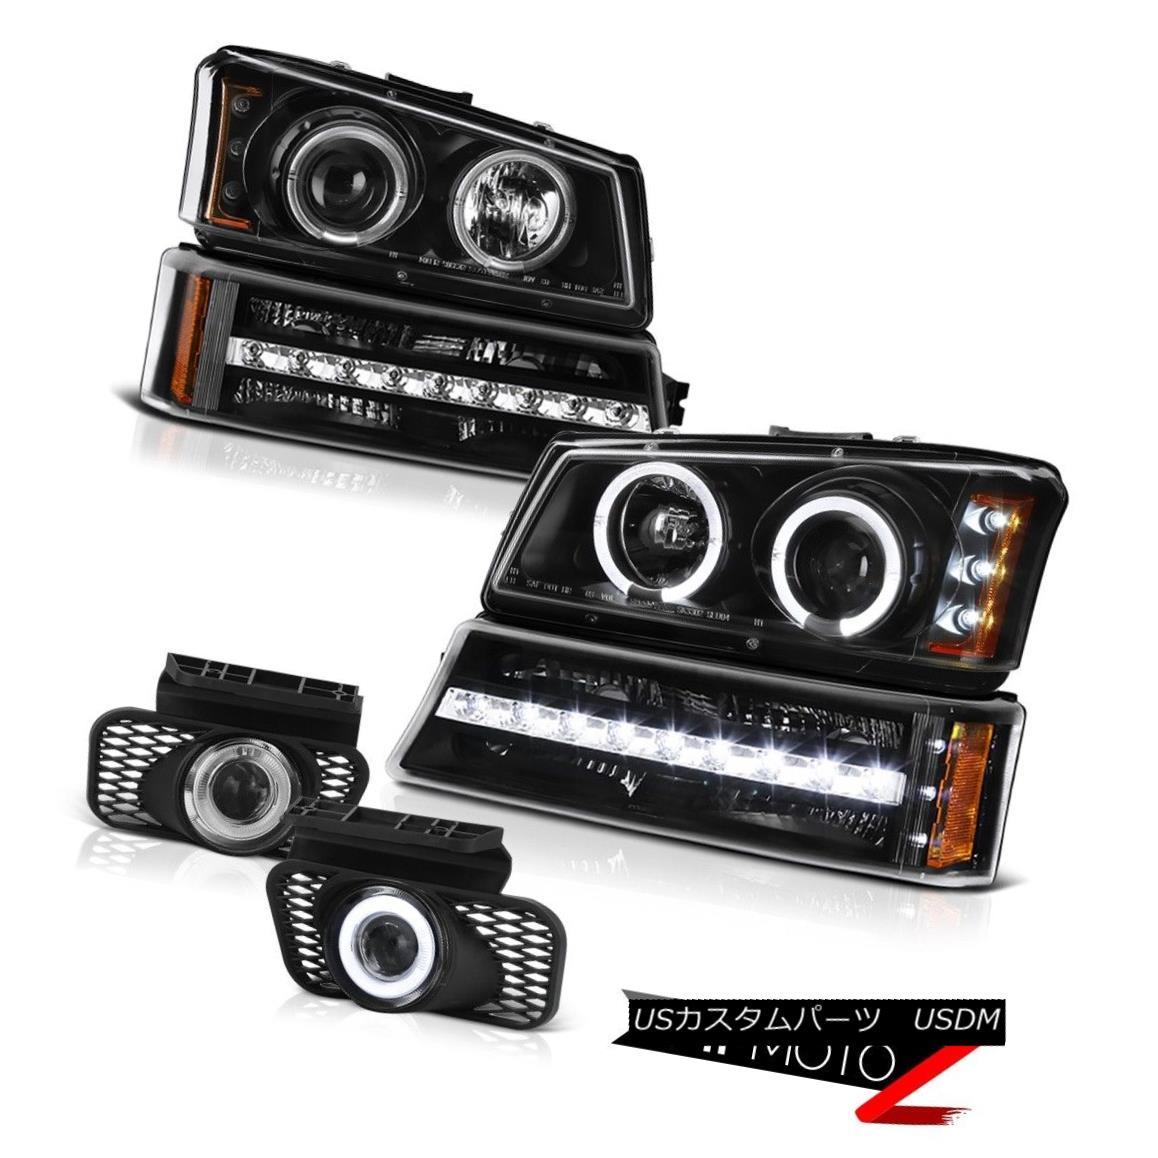 ヘッドライト 2003-2006 Avalanche 2500 Euro clear fog lights turn signal projector headlamps 2003-2006雪崩2500ユーロクリアフォグライトターンシグナルプロジェクターヘッドライト